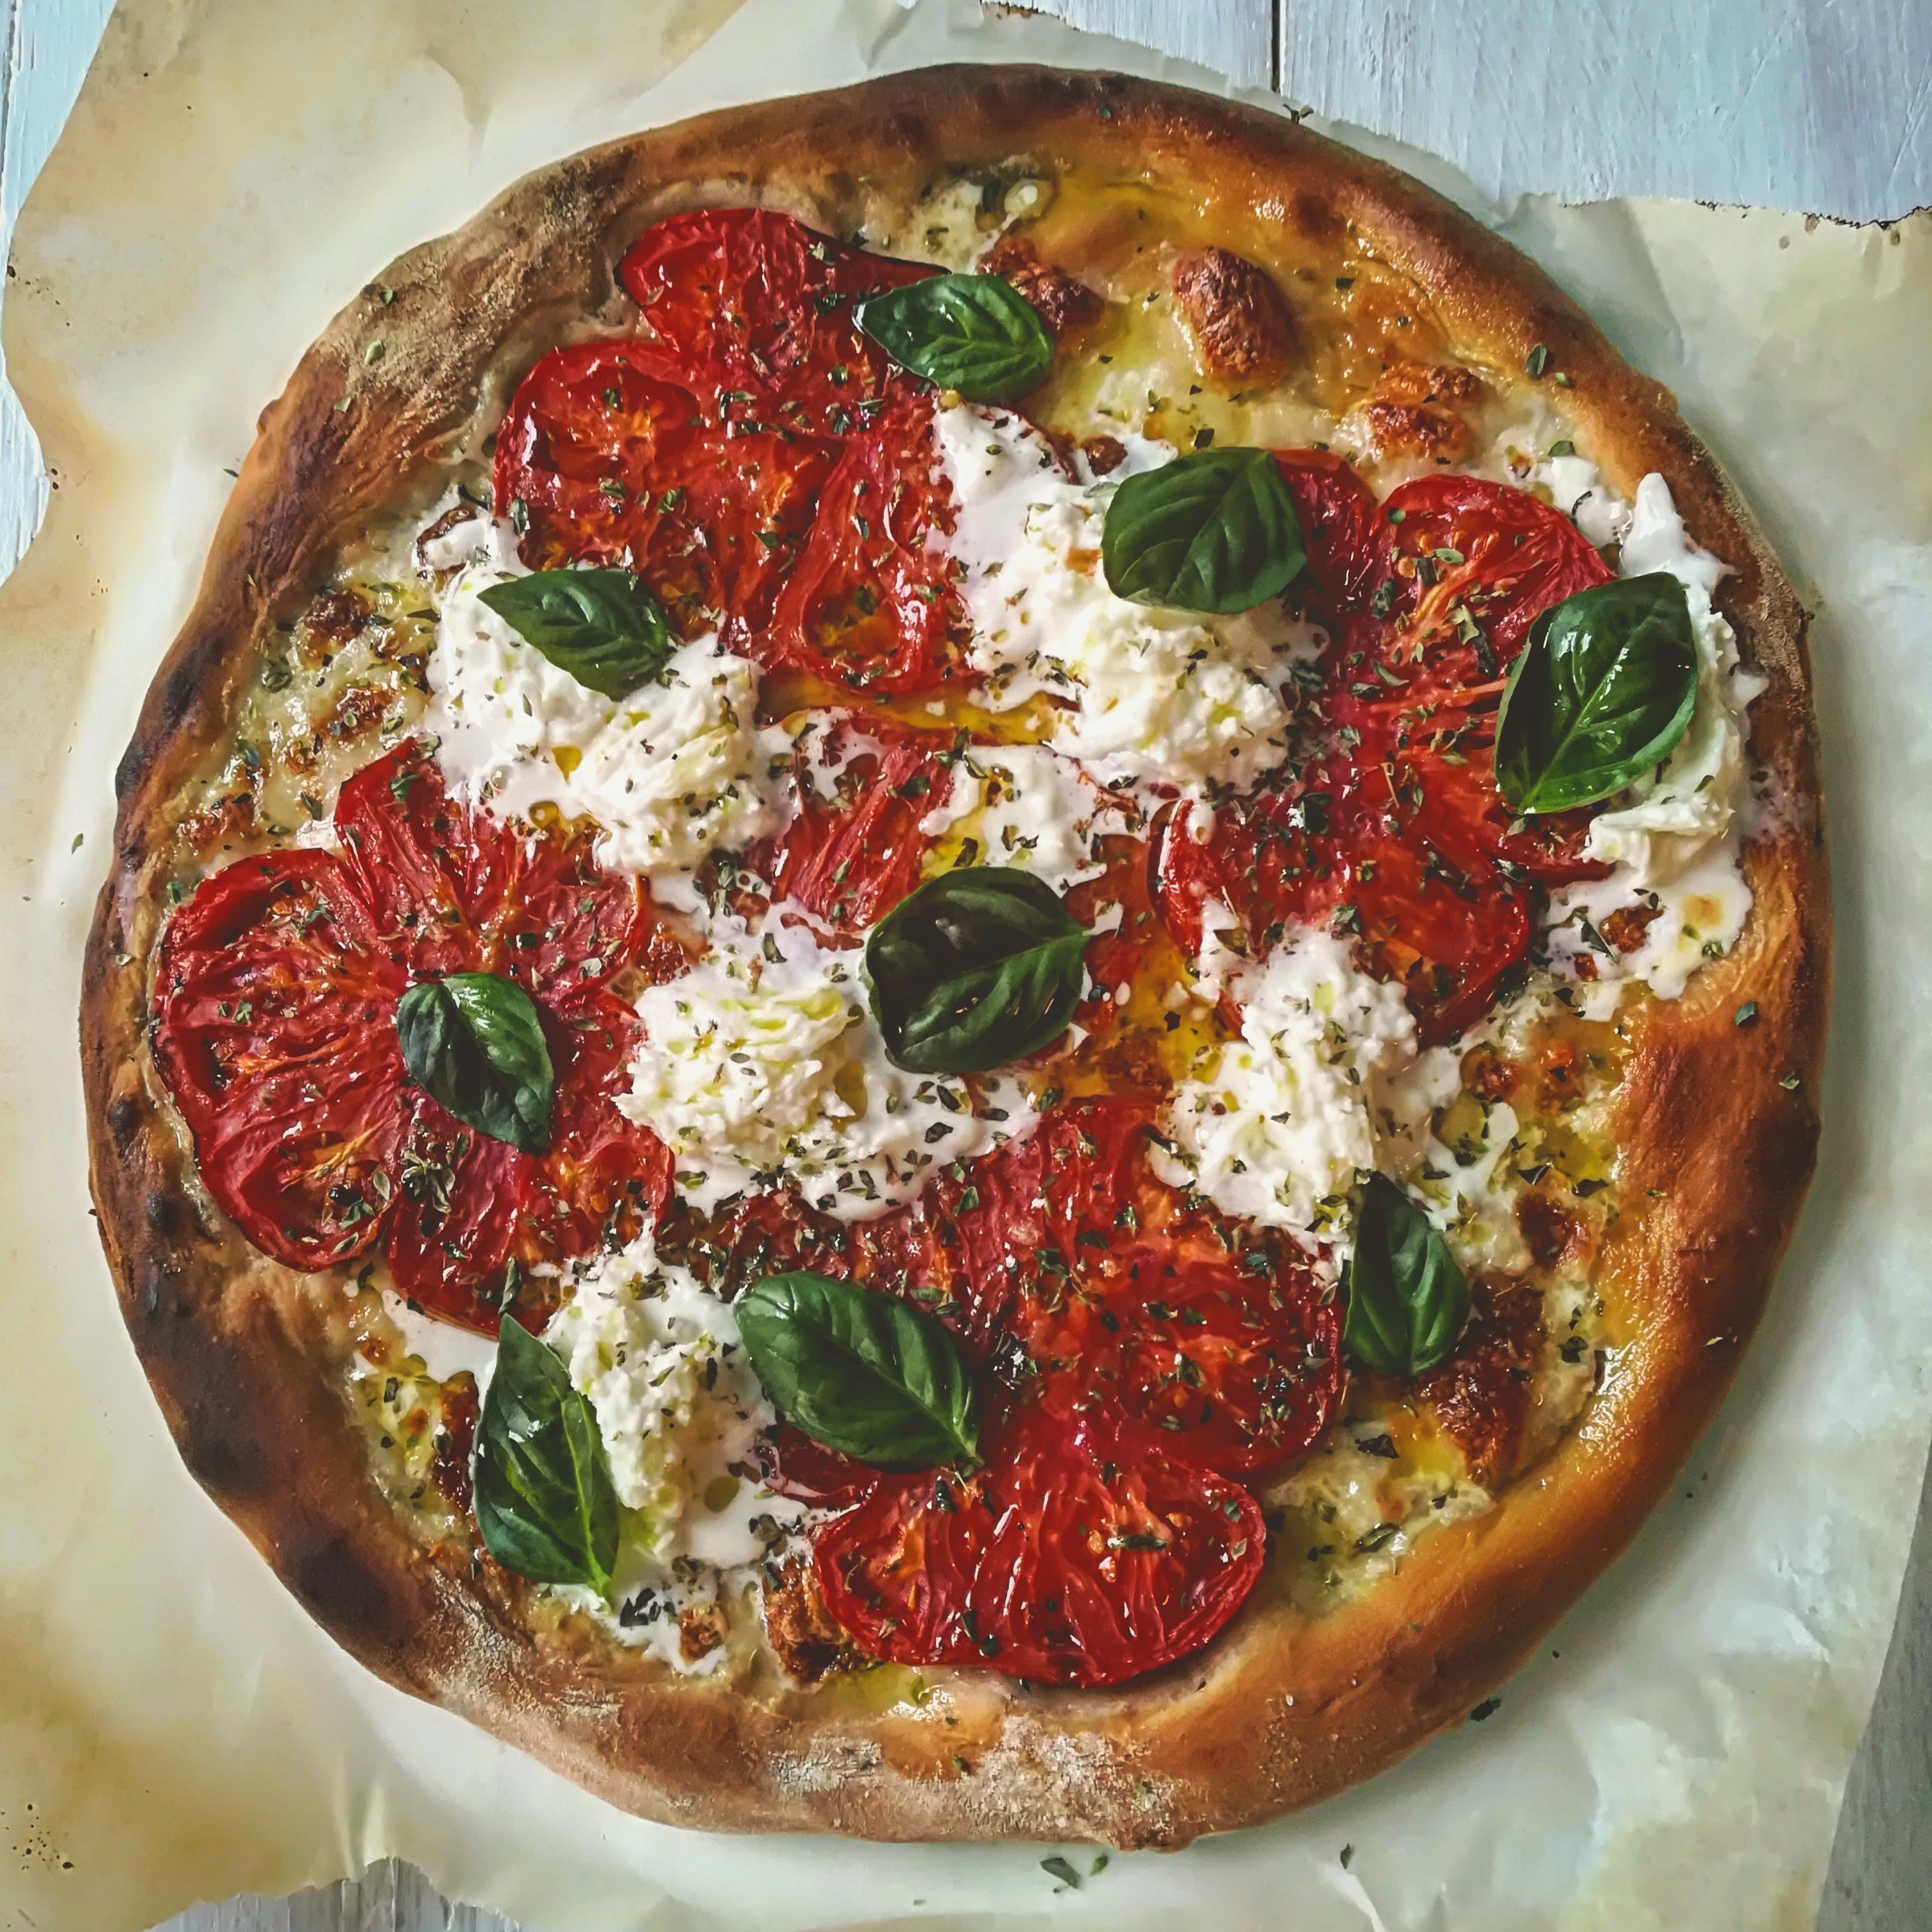 Pizza con farina integrale al pomodoro, bufala e basilico